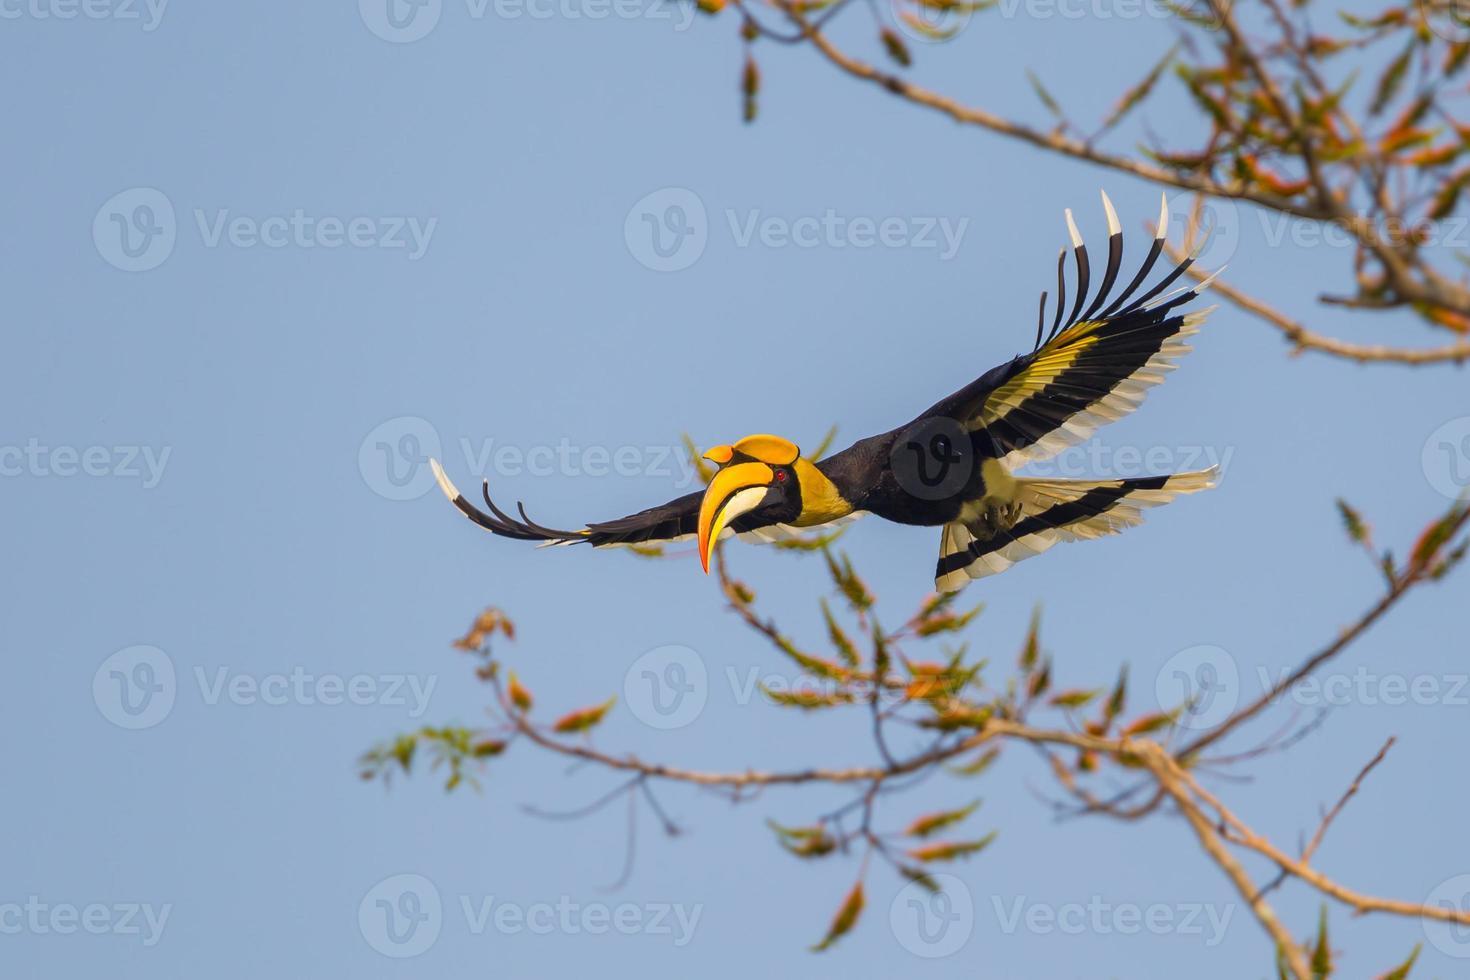 asas cheias voando grande Calau foto